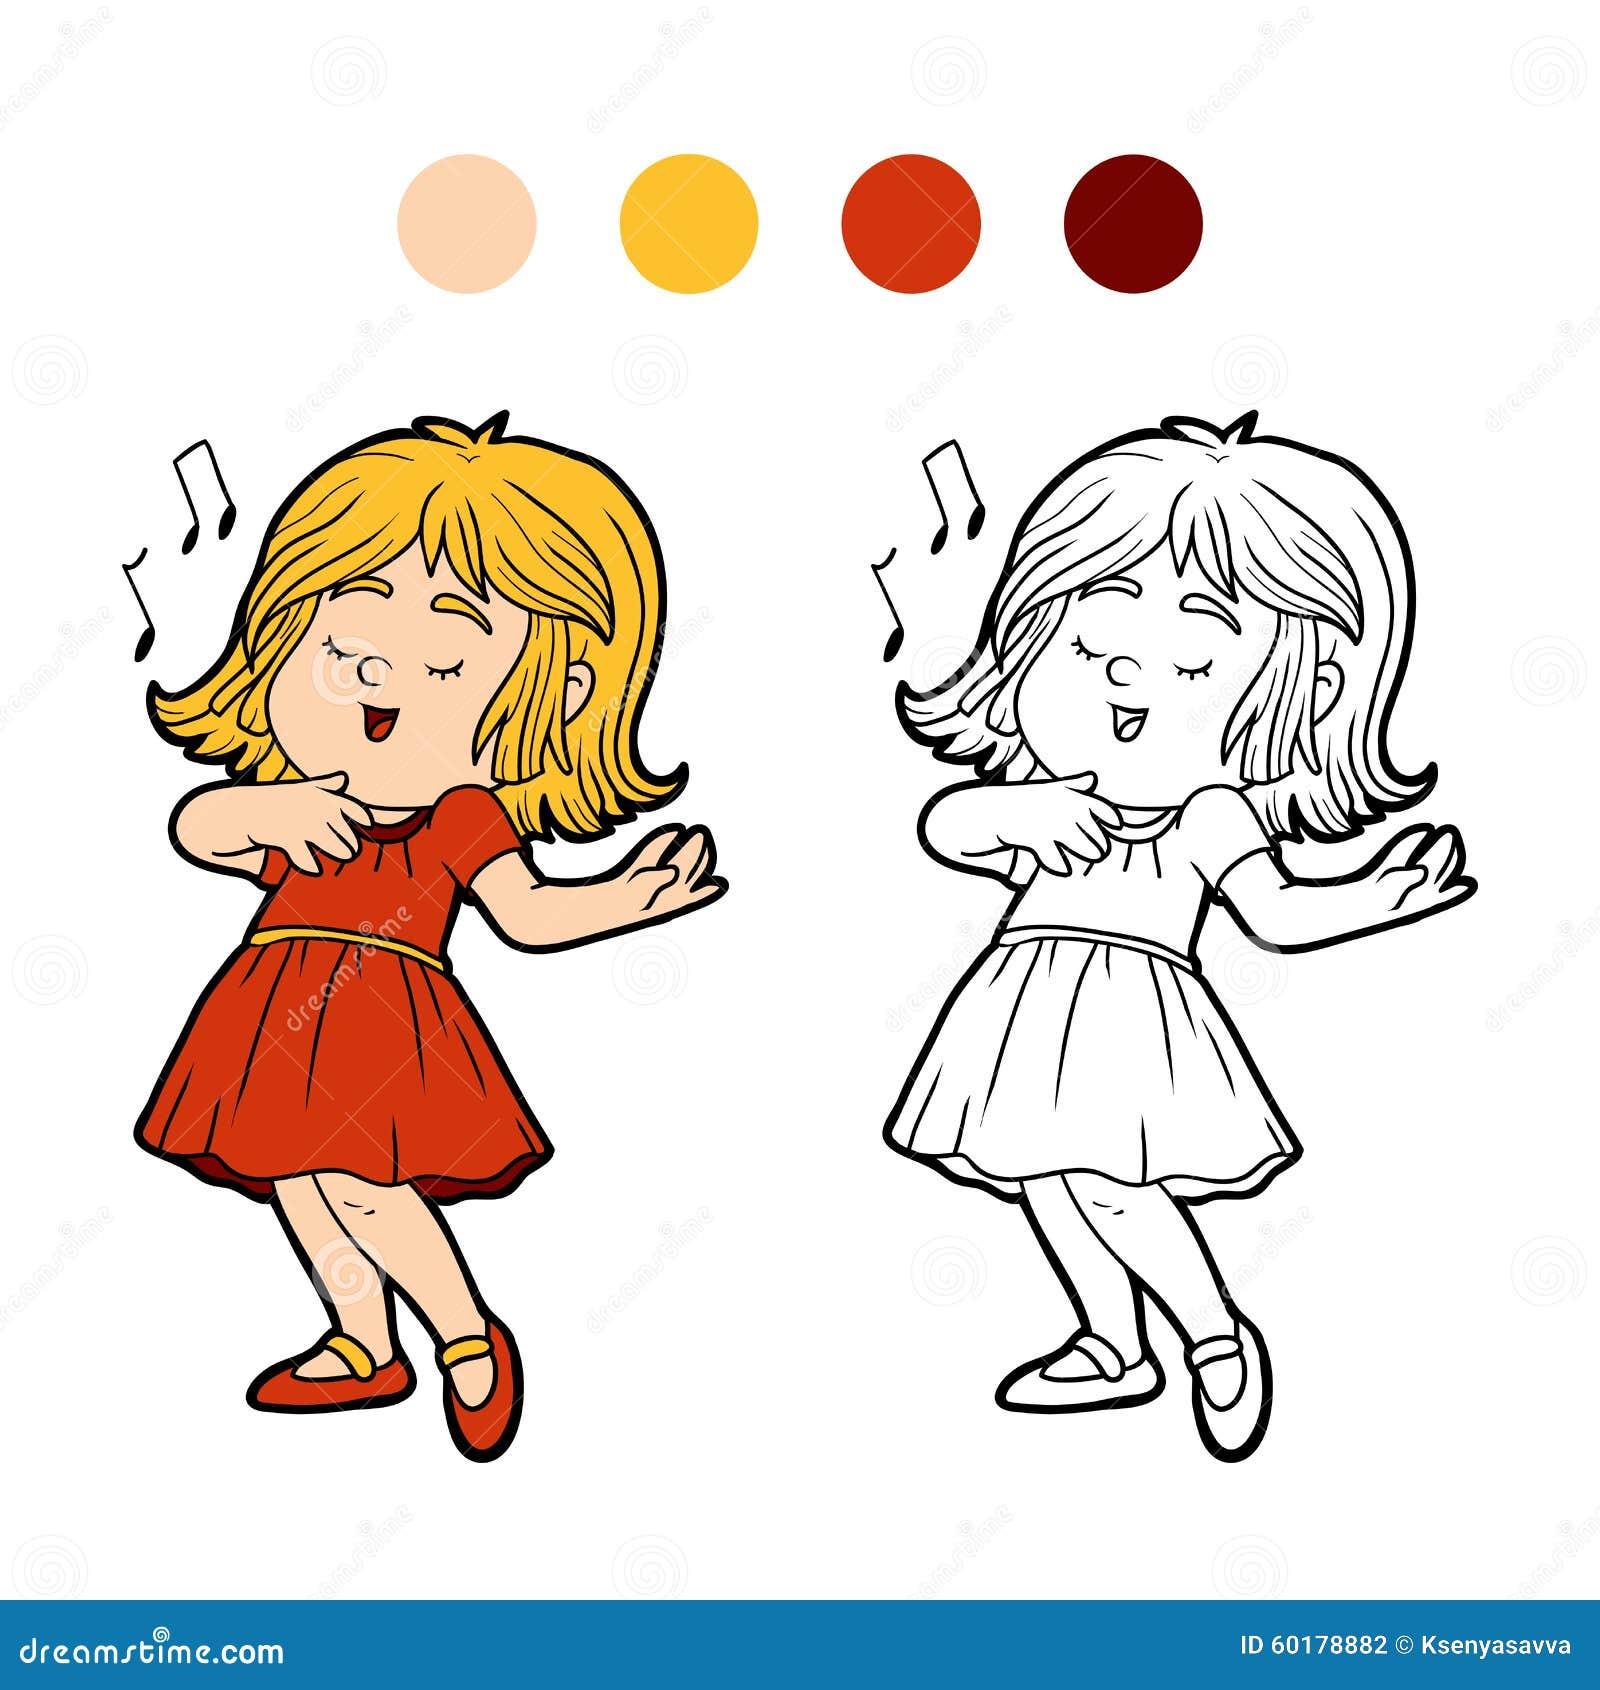 Libro De Colorear: La Niña En Un Vestido Rojo Está Cantando Una ...